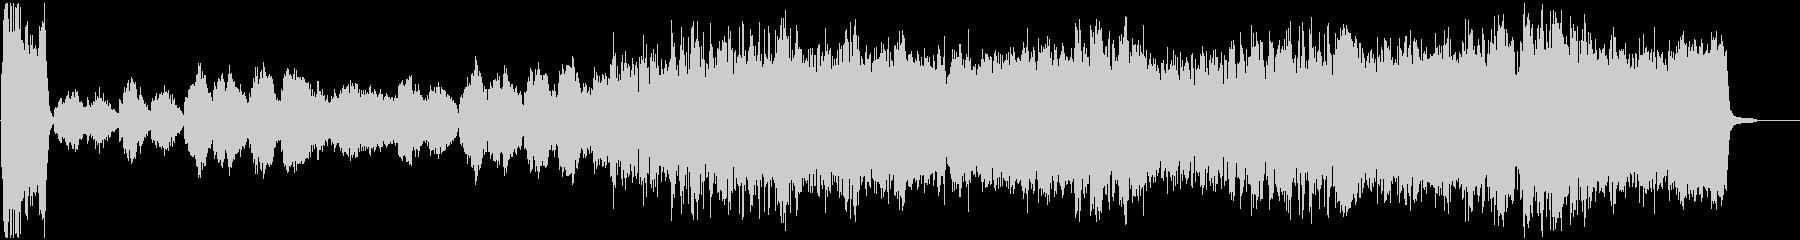 オーケストラ使用のオープニング曲の未再生の波形